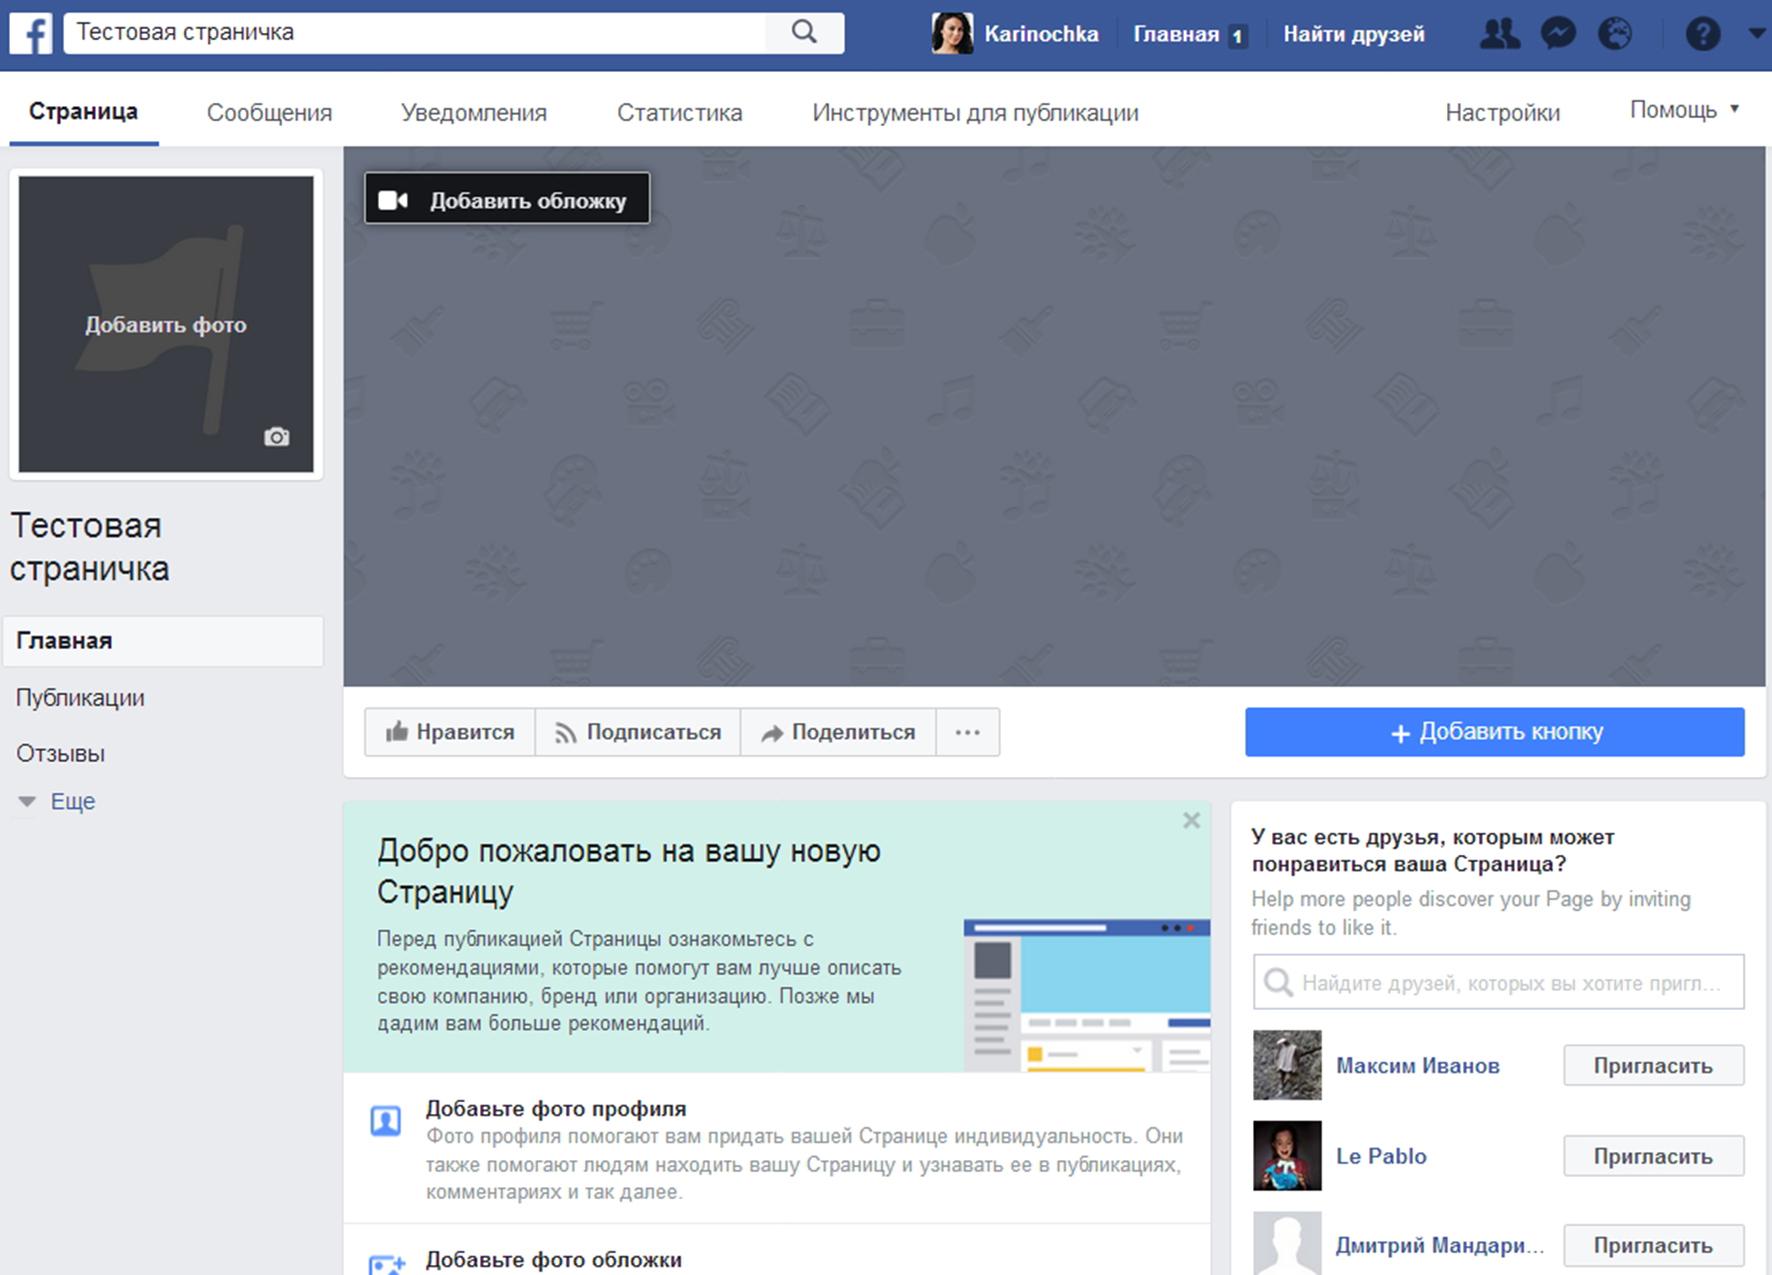 Внешний вид только что созданной страницы в Фейсбук, без первичного заполнения и оформления.